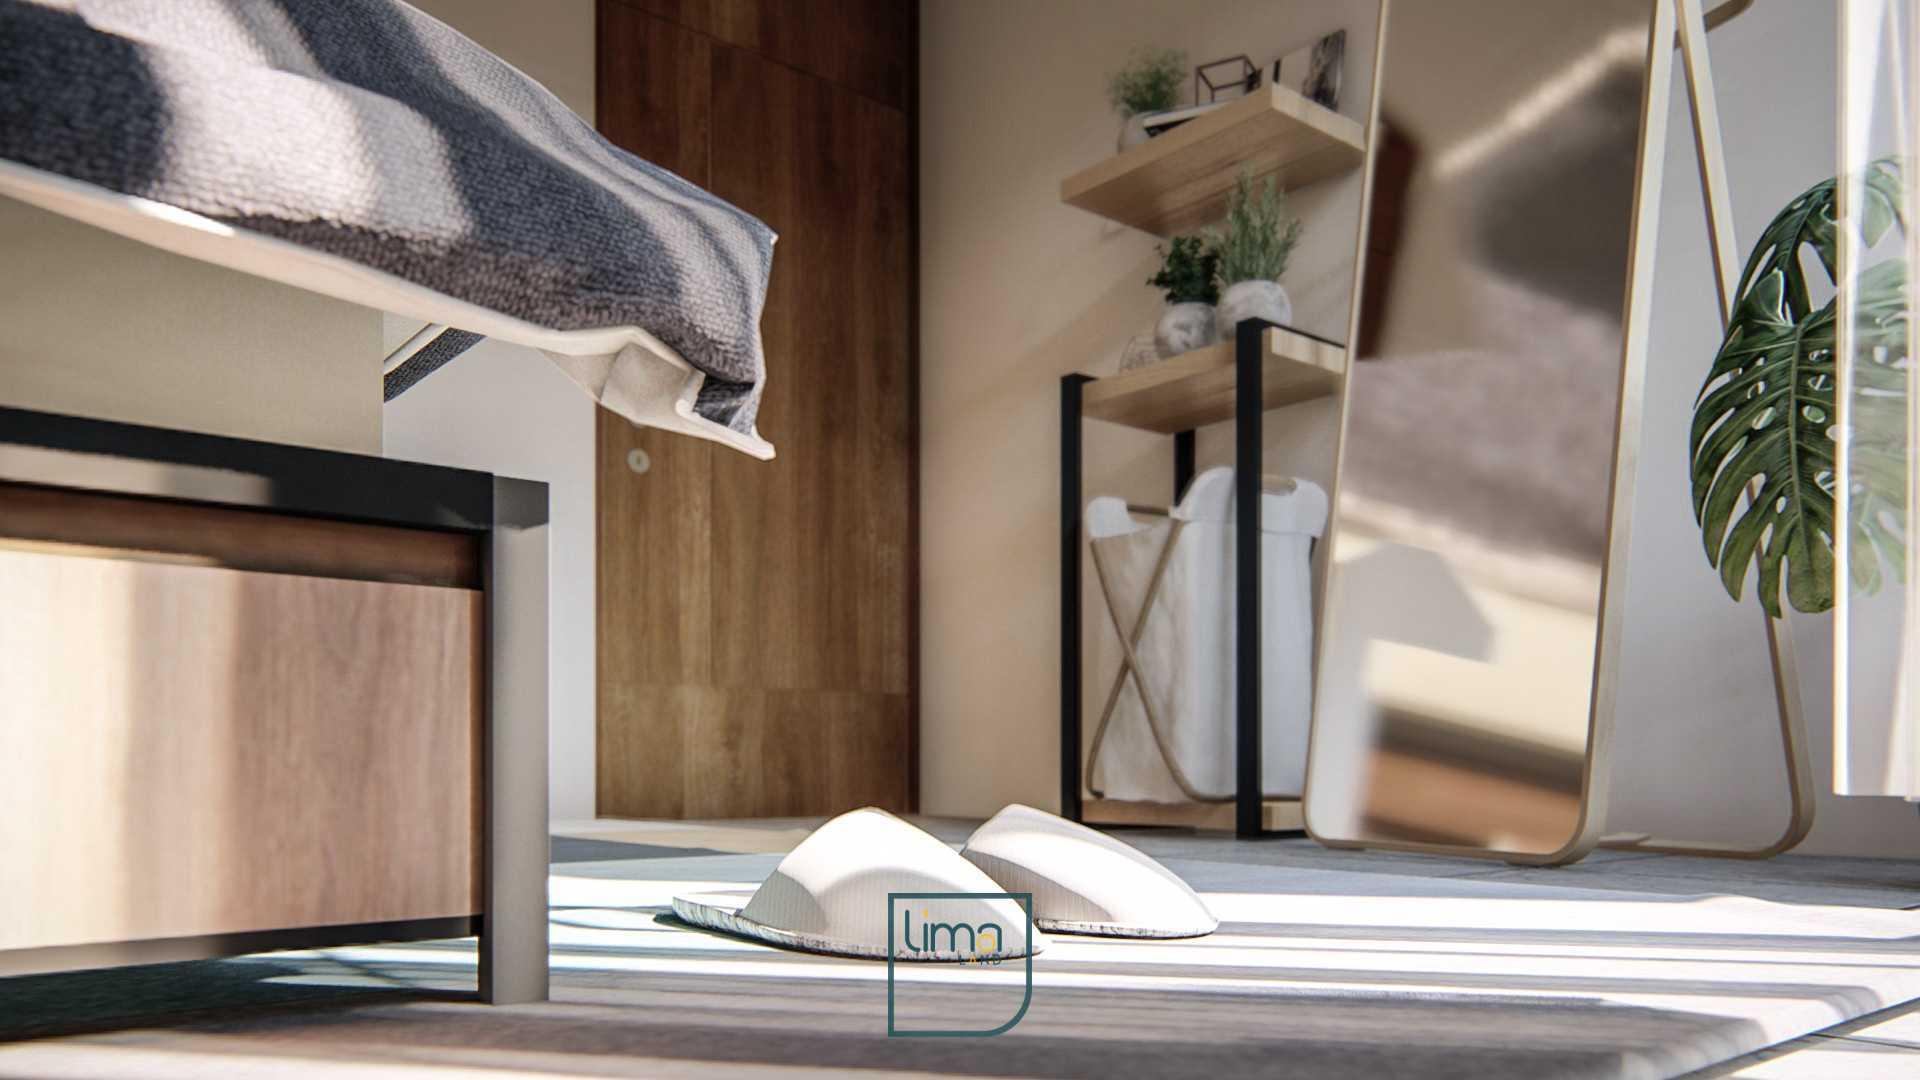 Atelier Lima Lima Land Surabaya, Kota Sby, Jawa Timur, Indonesia Surabaya, Kota Sby, Jawa Timur, Indonesia Atelier-Lima-Lima-Land  101780